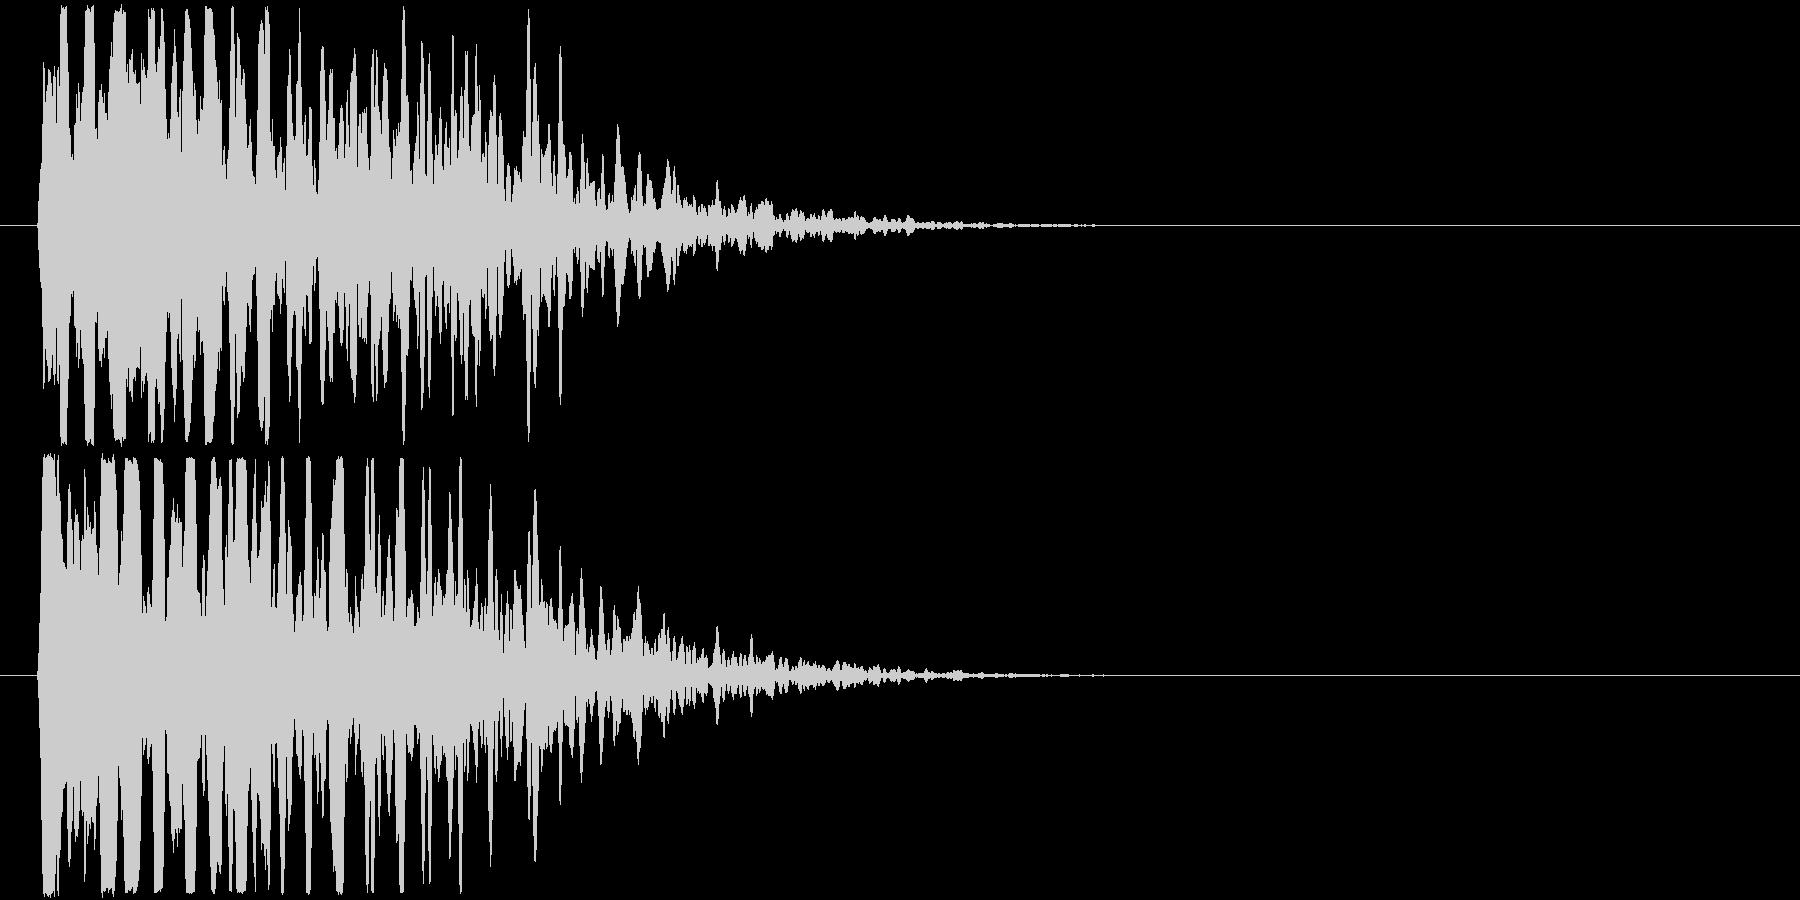 透明感のある甲高い衝突音の未再生の波形